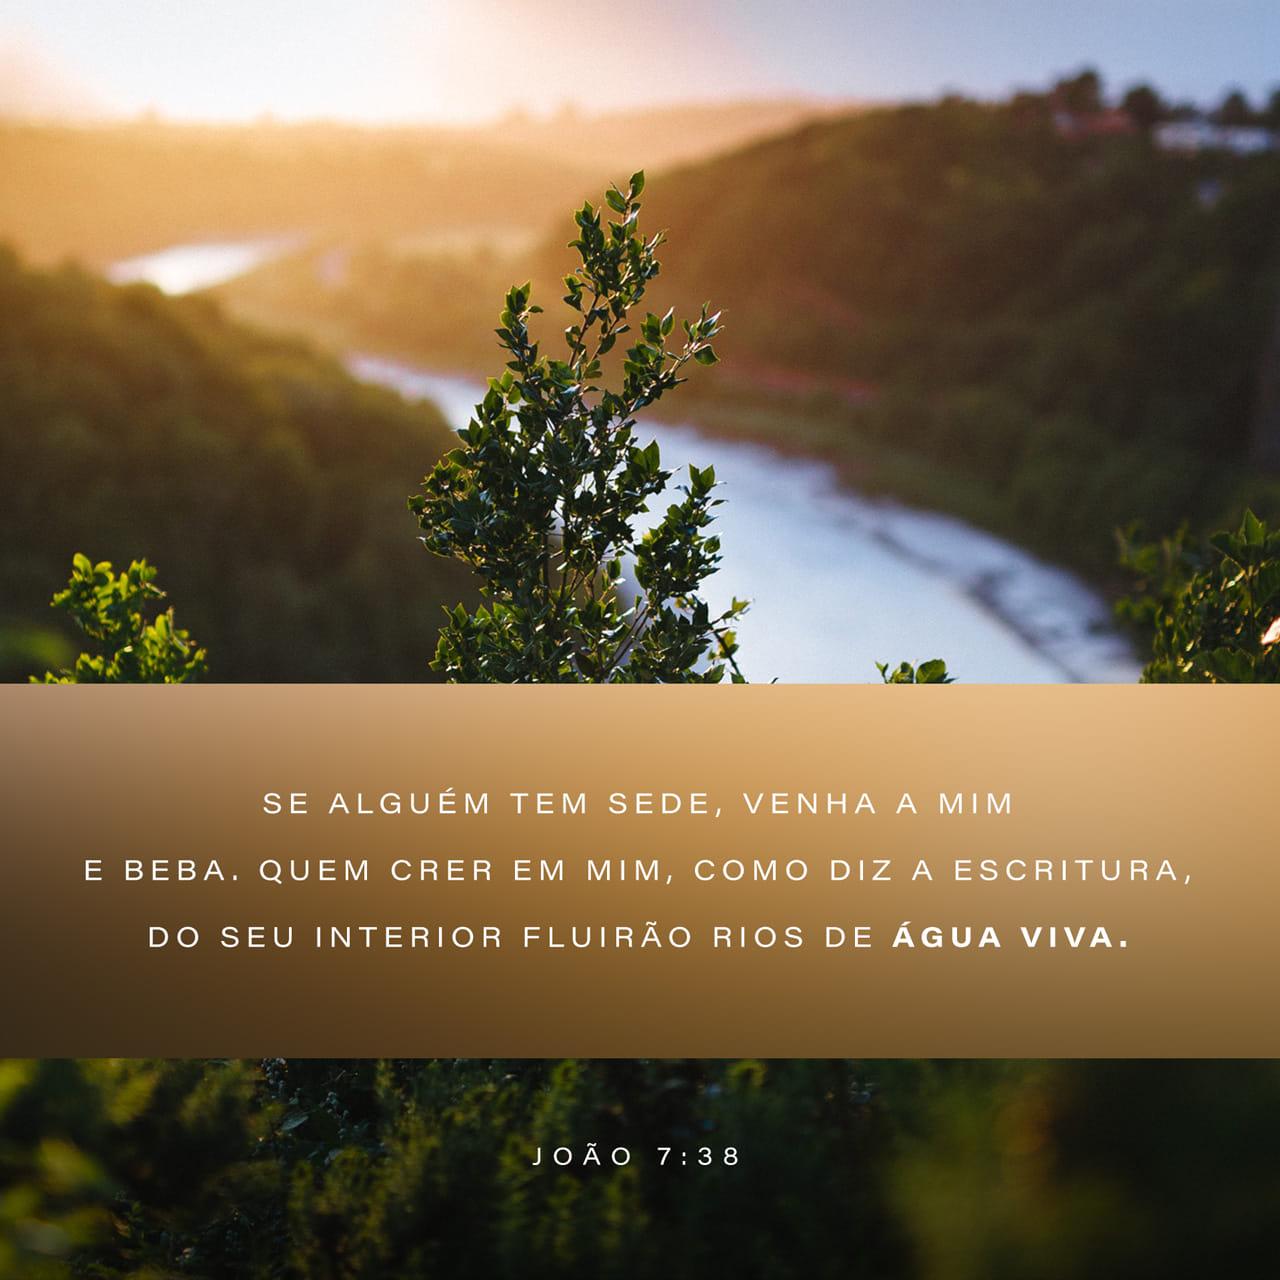 """João 7:38 Quem crer em mim, como diz a Escritura, do seu interior fluirão rios de água viva"""".   Nova Versão Internacional Português (NVI-P)   Baixar o App da Bíblia agora"""